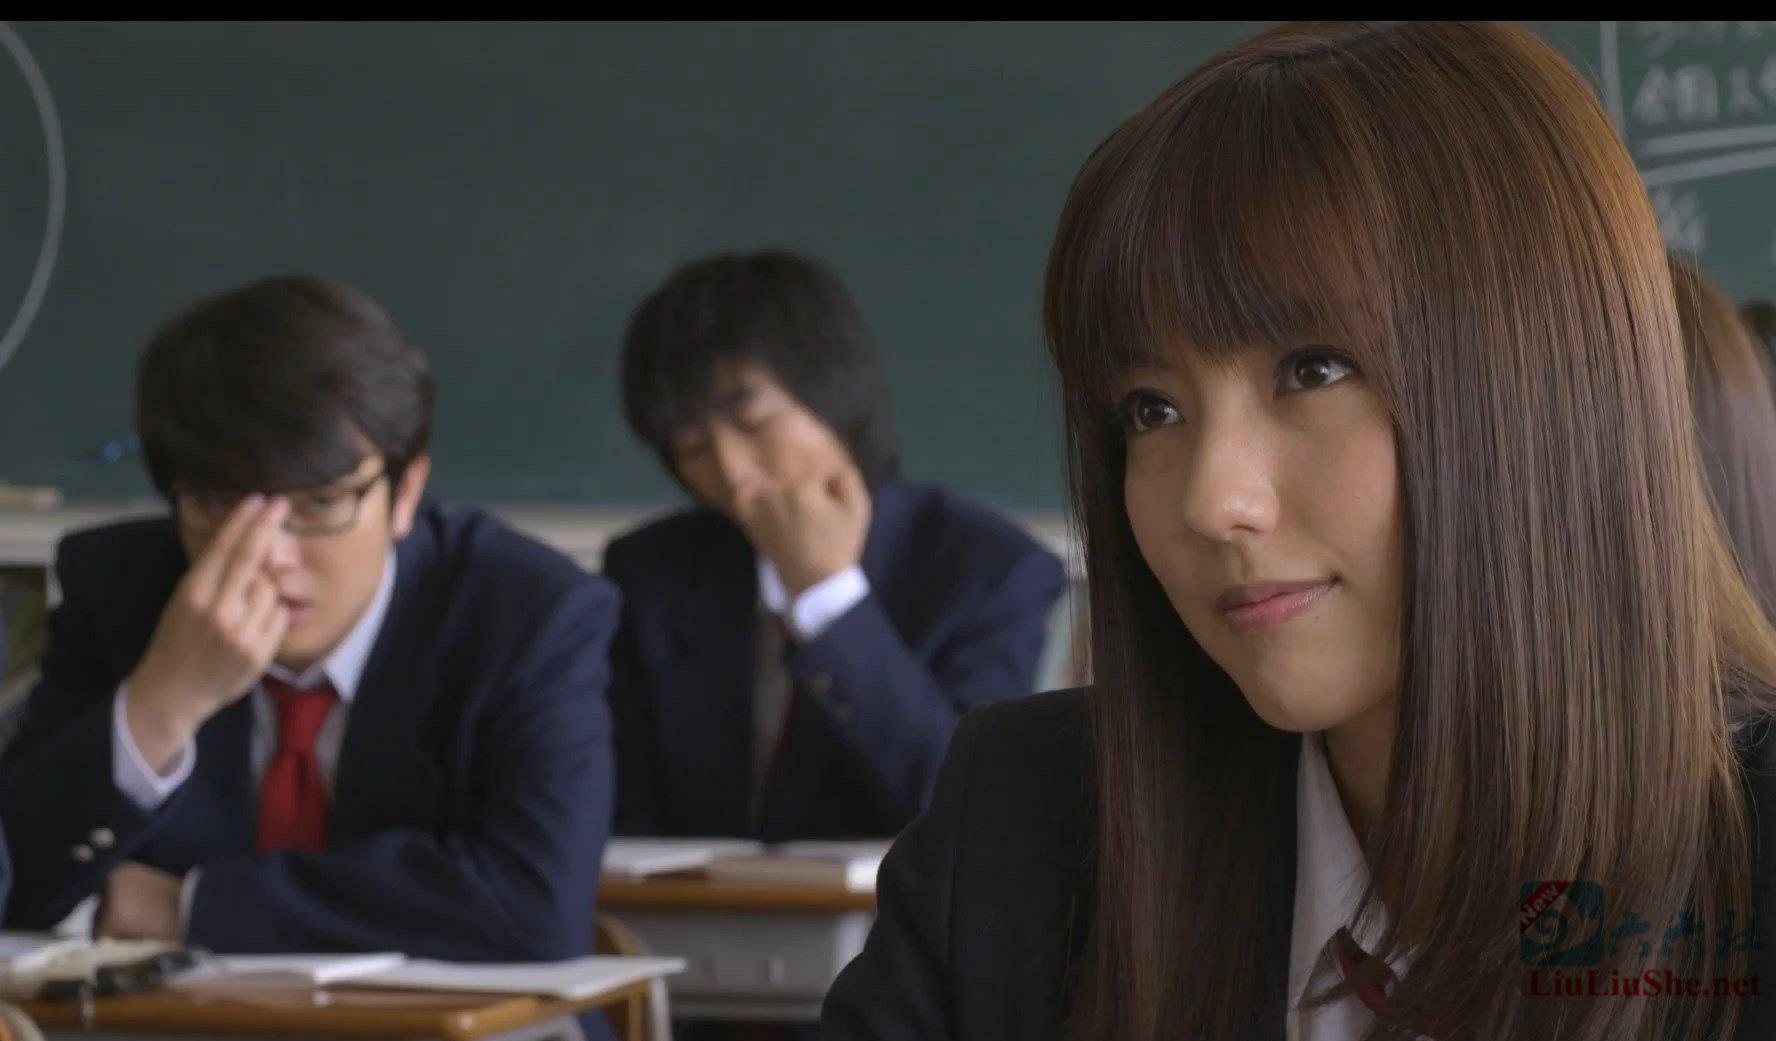 漫画改编电影《我们都是超能力者》女主角美由纪的饰演者池田依来沙